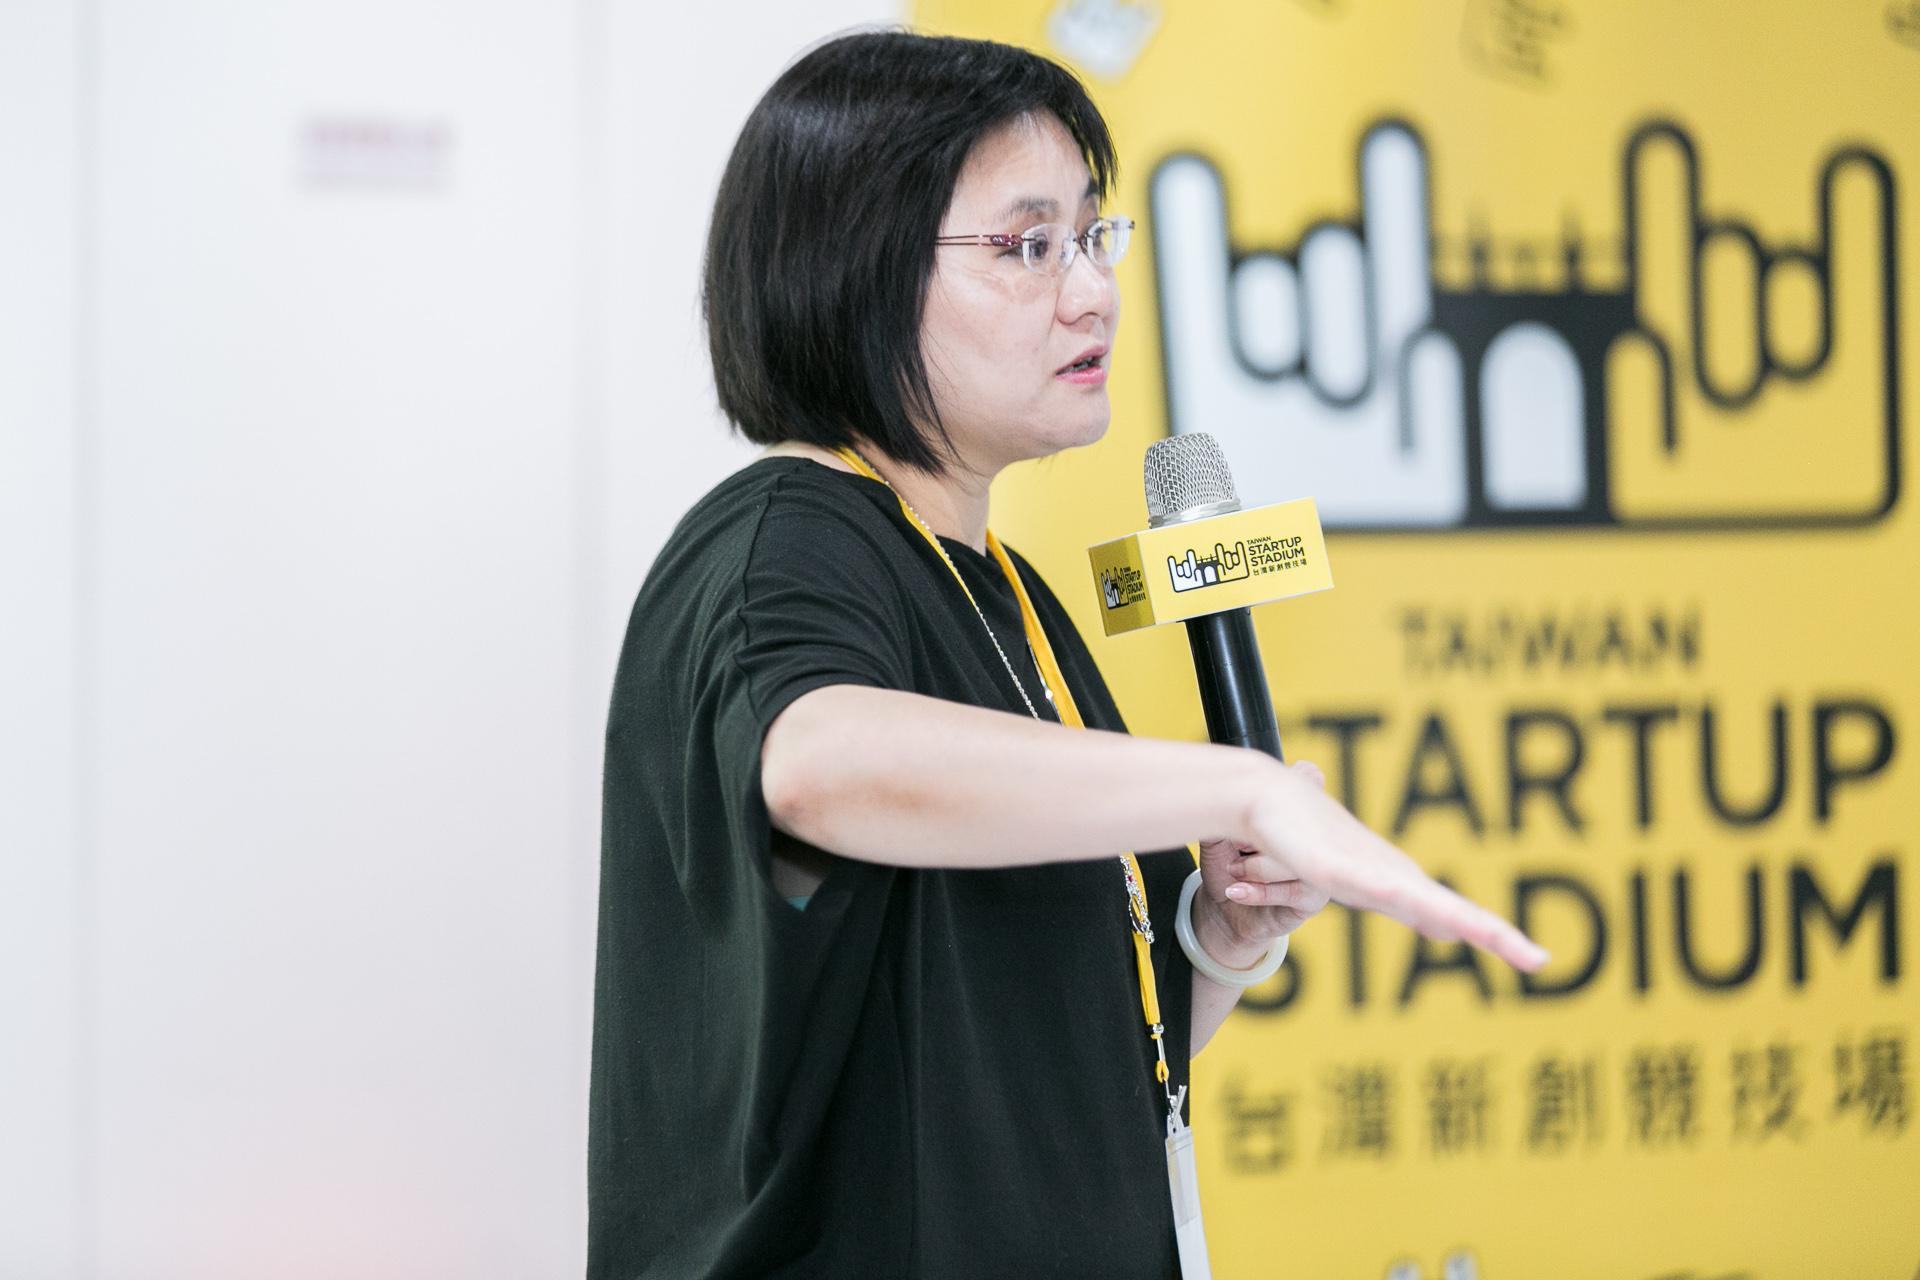 RtM-Judge-WI-Harper-Yvonne-Chen